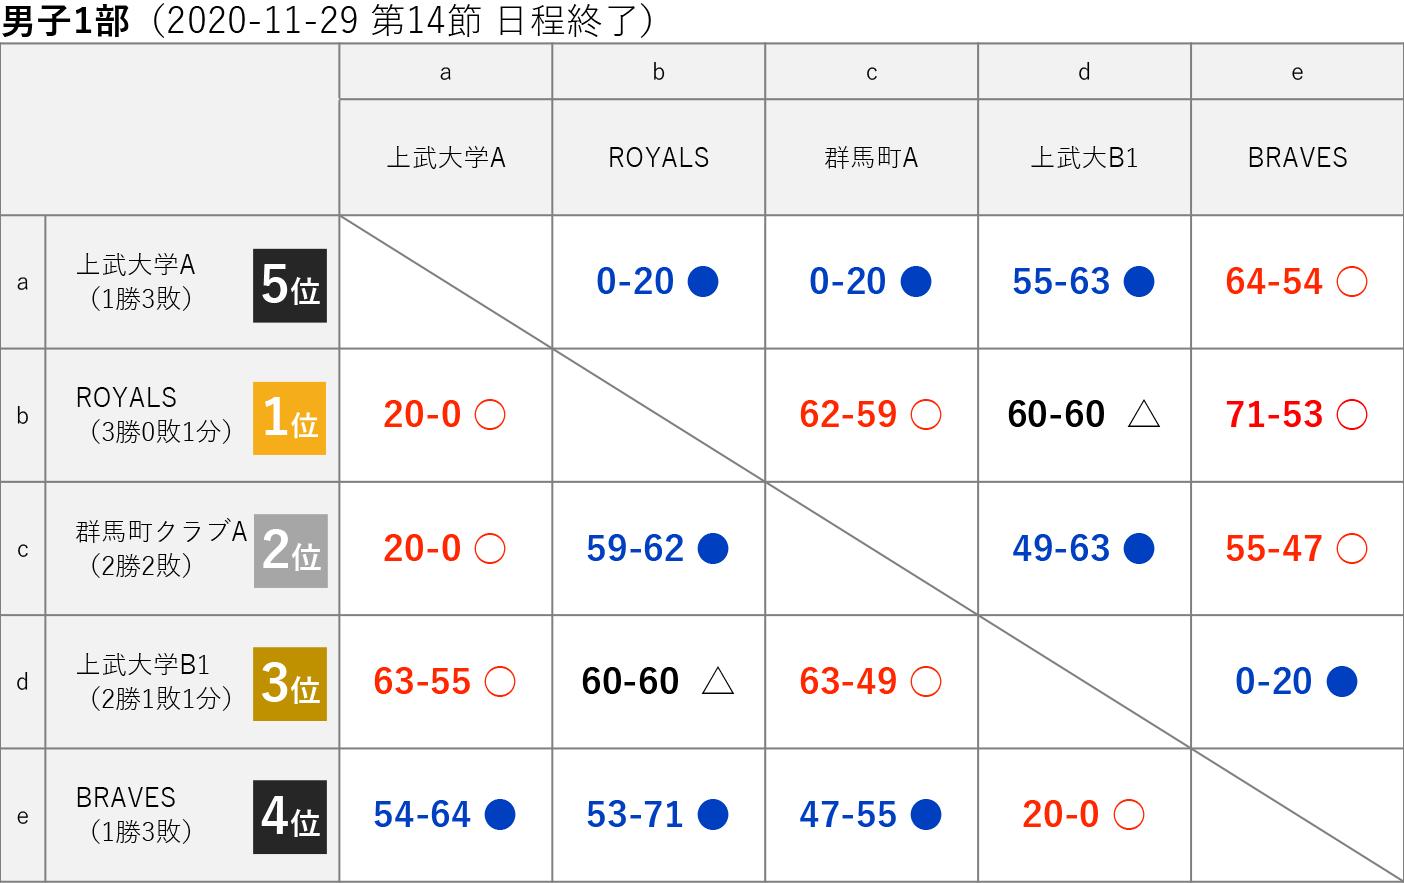 2020社会人リーグ 男子1部 星取り表 2020-11-29(第14節日程終了)